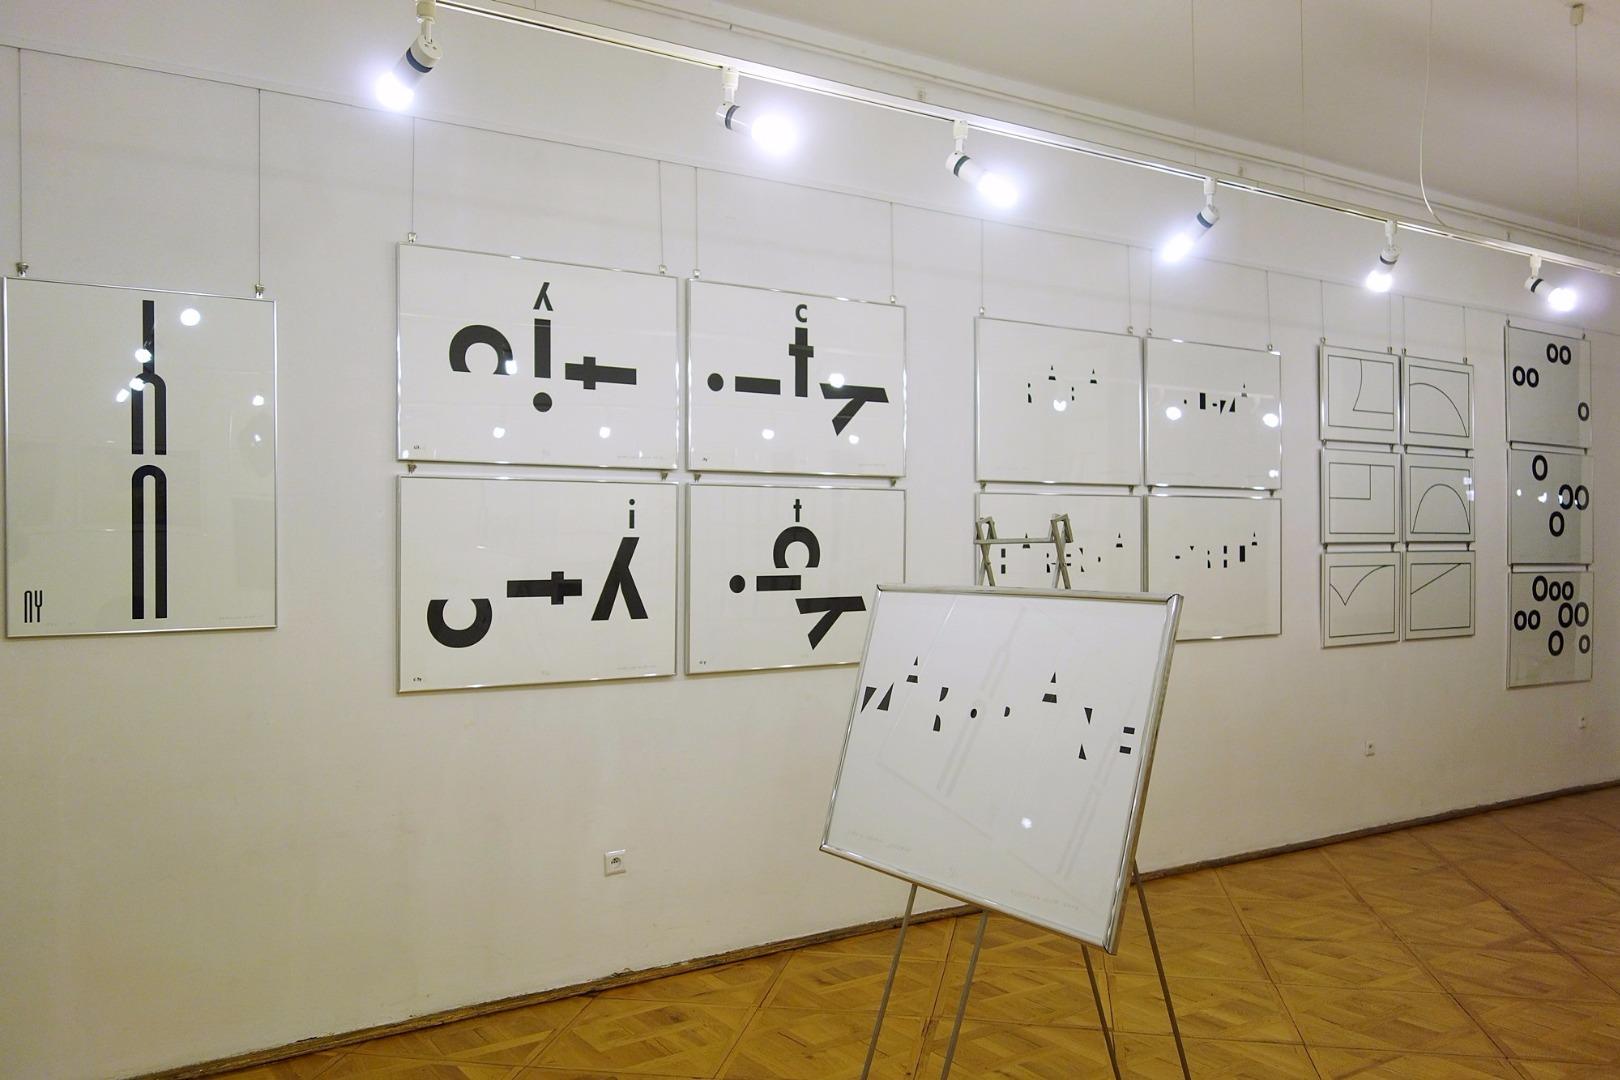 """Jan Fejkiel Gallery, Wystawa Władyslaw Pluty pt. """"Litera obrazu / Obraz litery, Kraków  2016"""